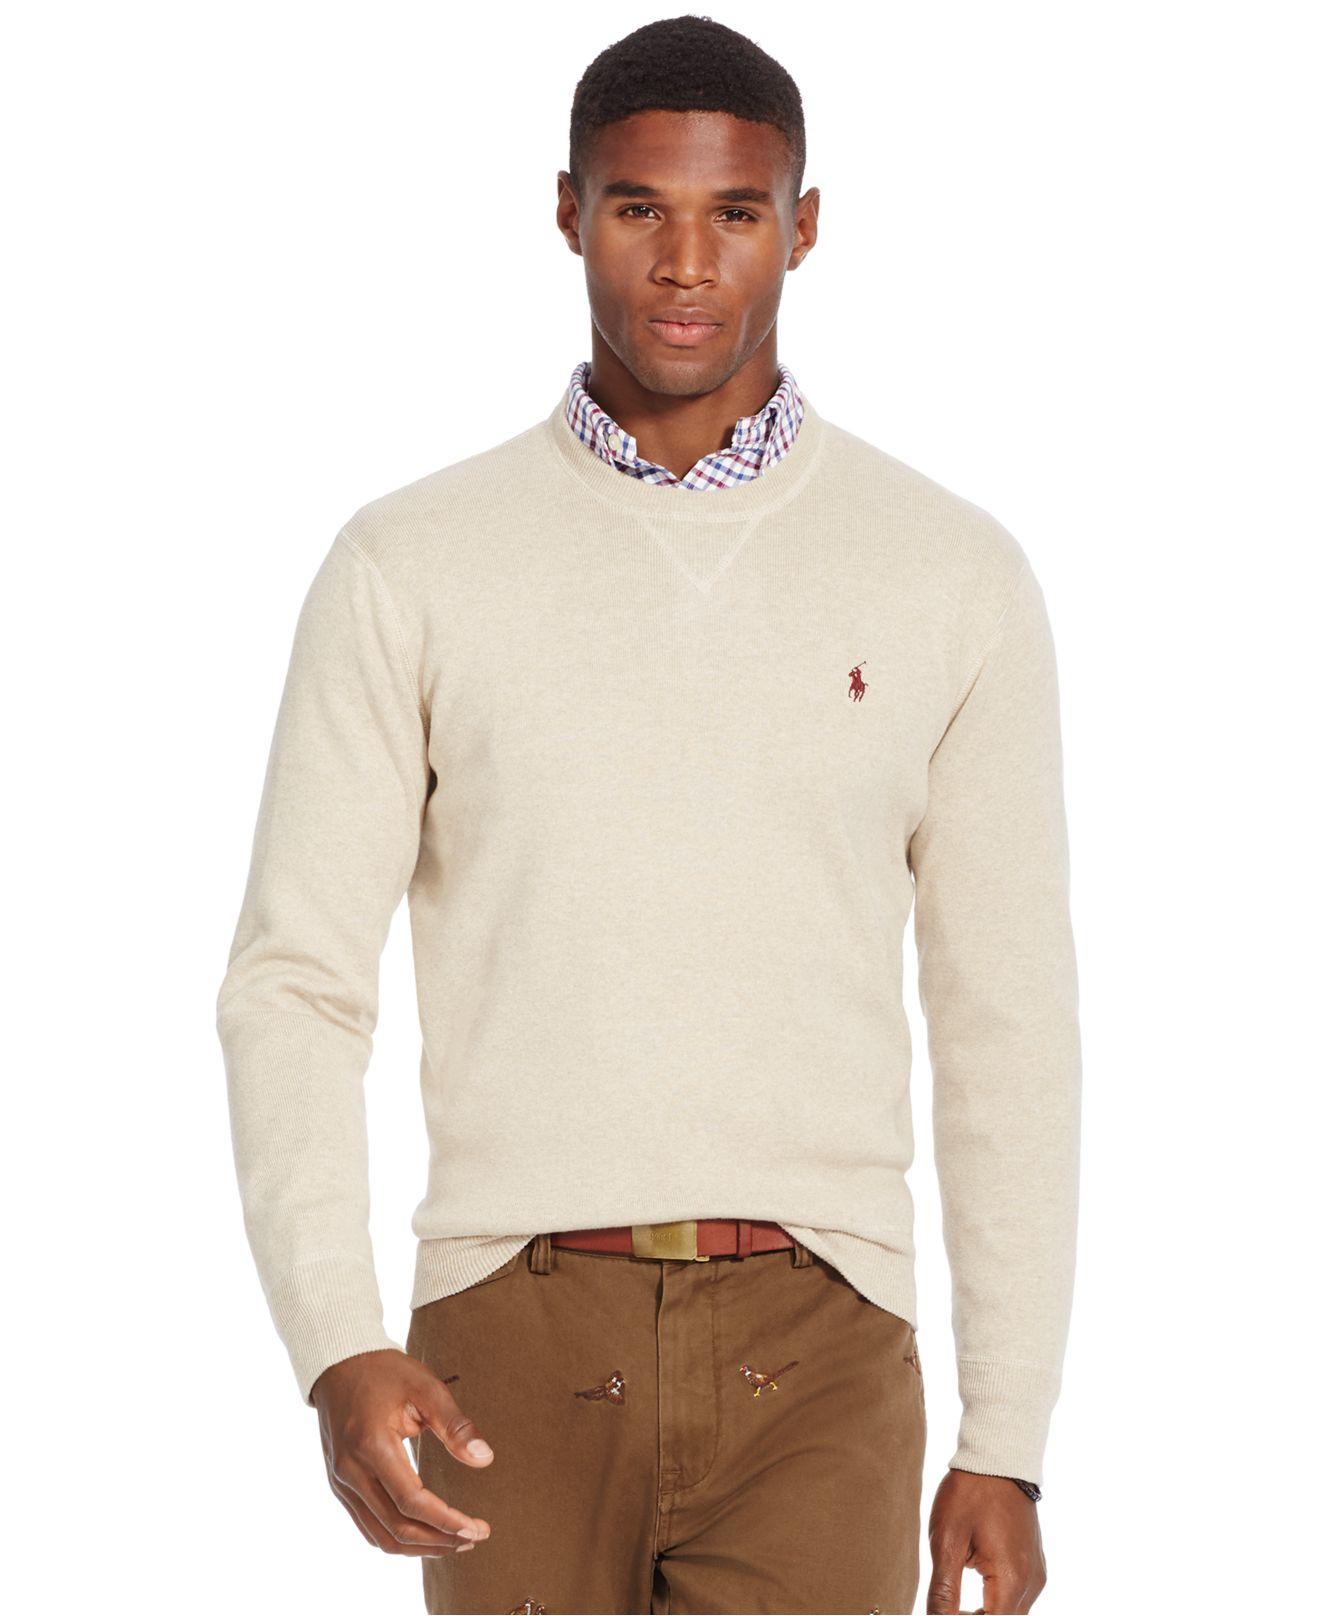 Polo ralph lauren Chest Logo Sweatshirt in Beige for Men